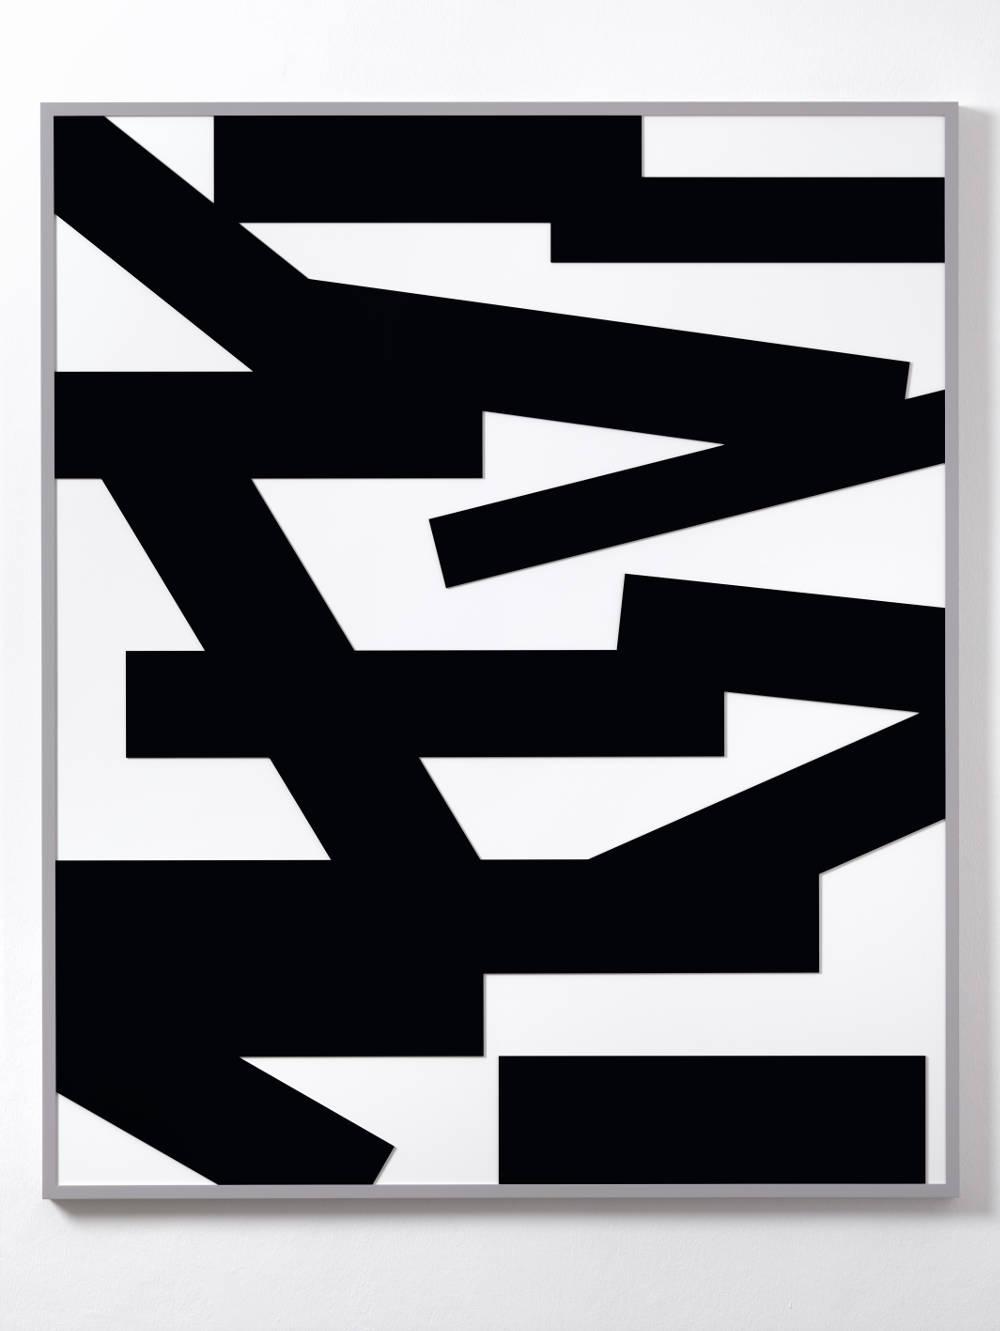 Gerwald Rockenschaub, Untitled (Relief), 2018. Acrylglas, Rahmen RAL 7004 150 x 125 cm (59,06 x 49,21 in) Courtesy Galerie Thaddaeus Ropac, London / Paris / Salzburg © Gerwald Rockenschaub. Photo: Ben Westoby